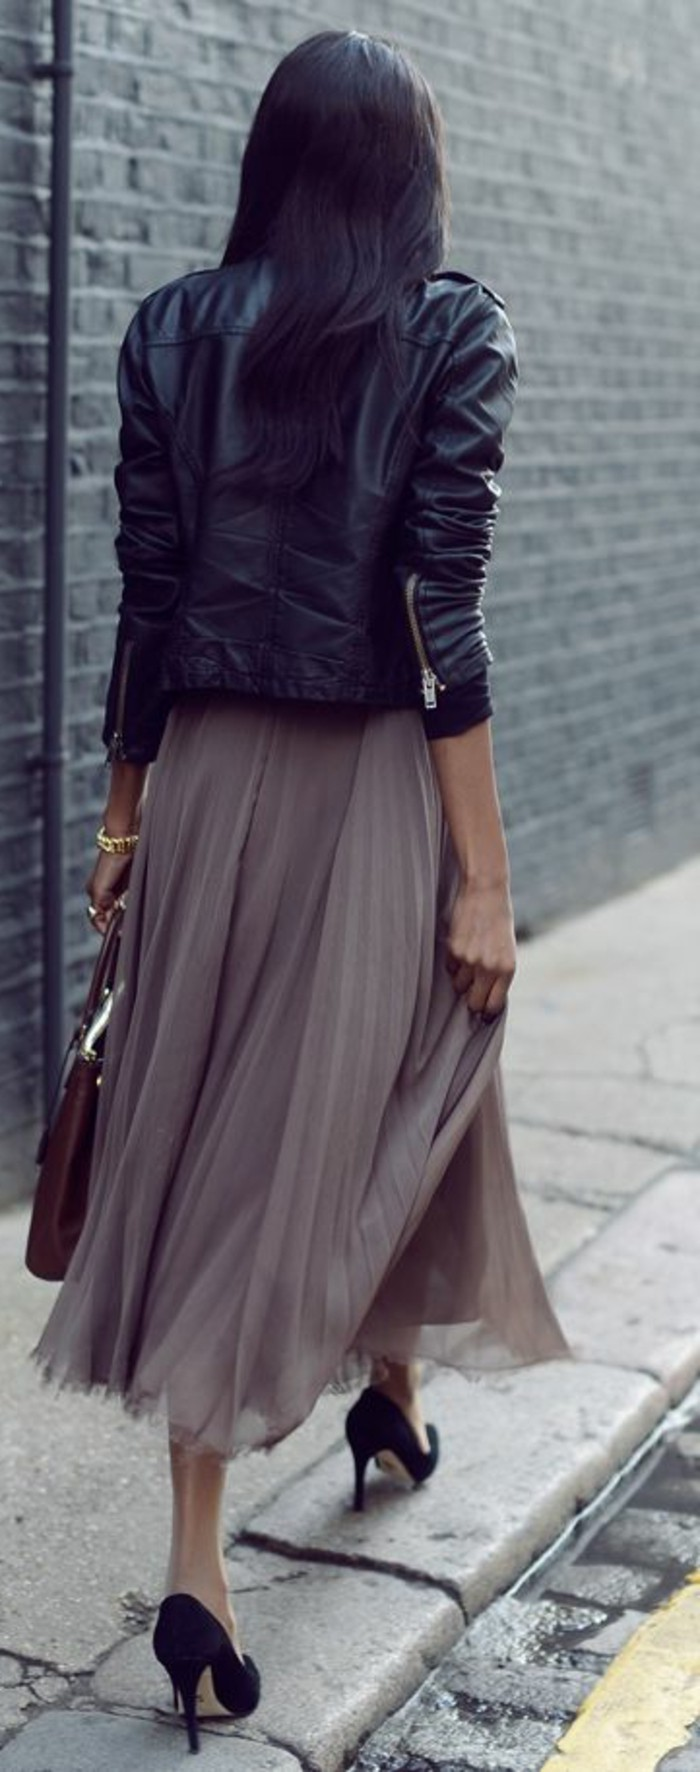 jupe-mi-longue-beige-talons-hauts-noires-fille-vetements-modernes-veste-en-cuir-noir